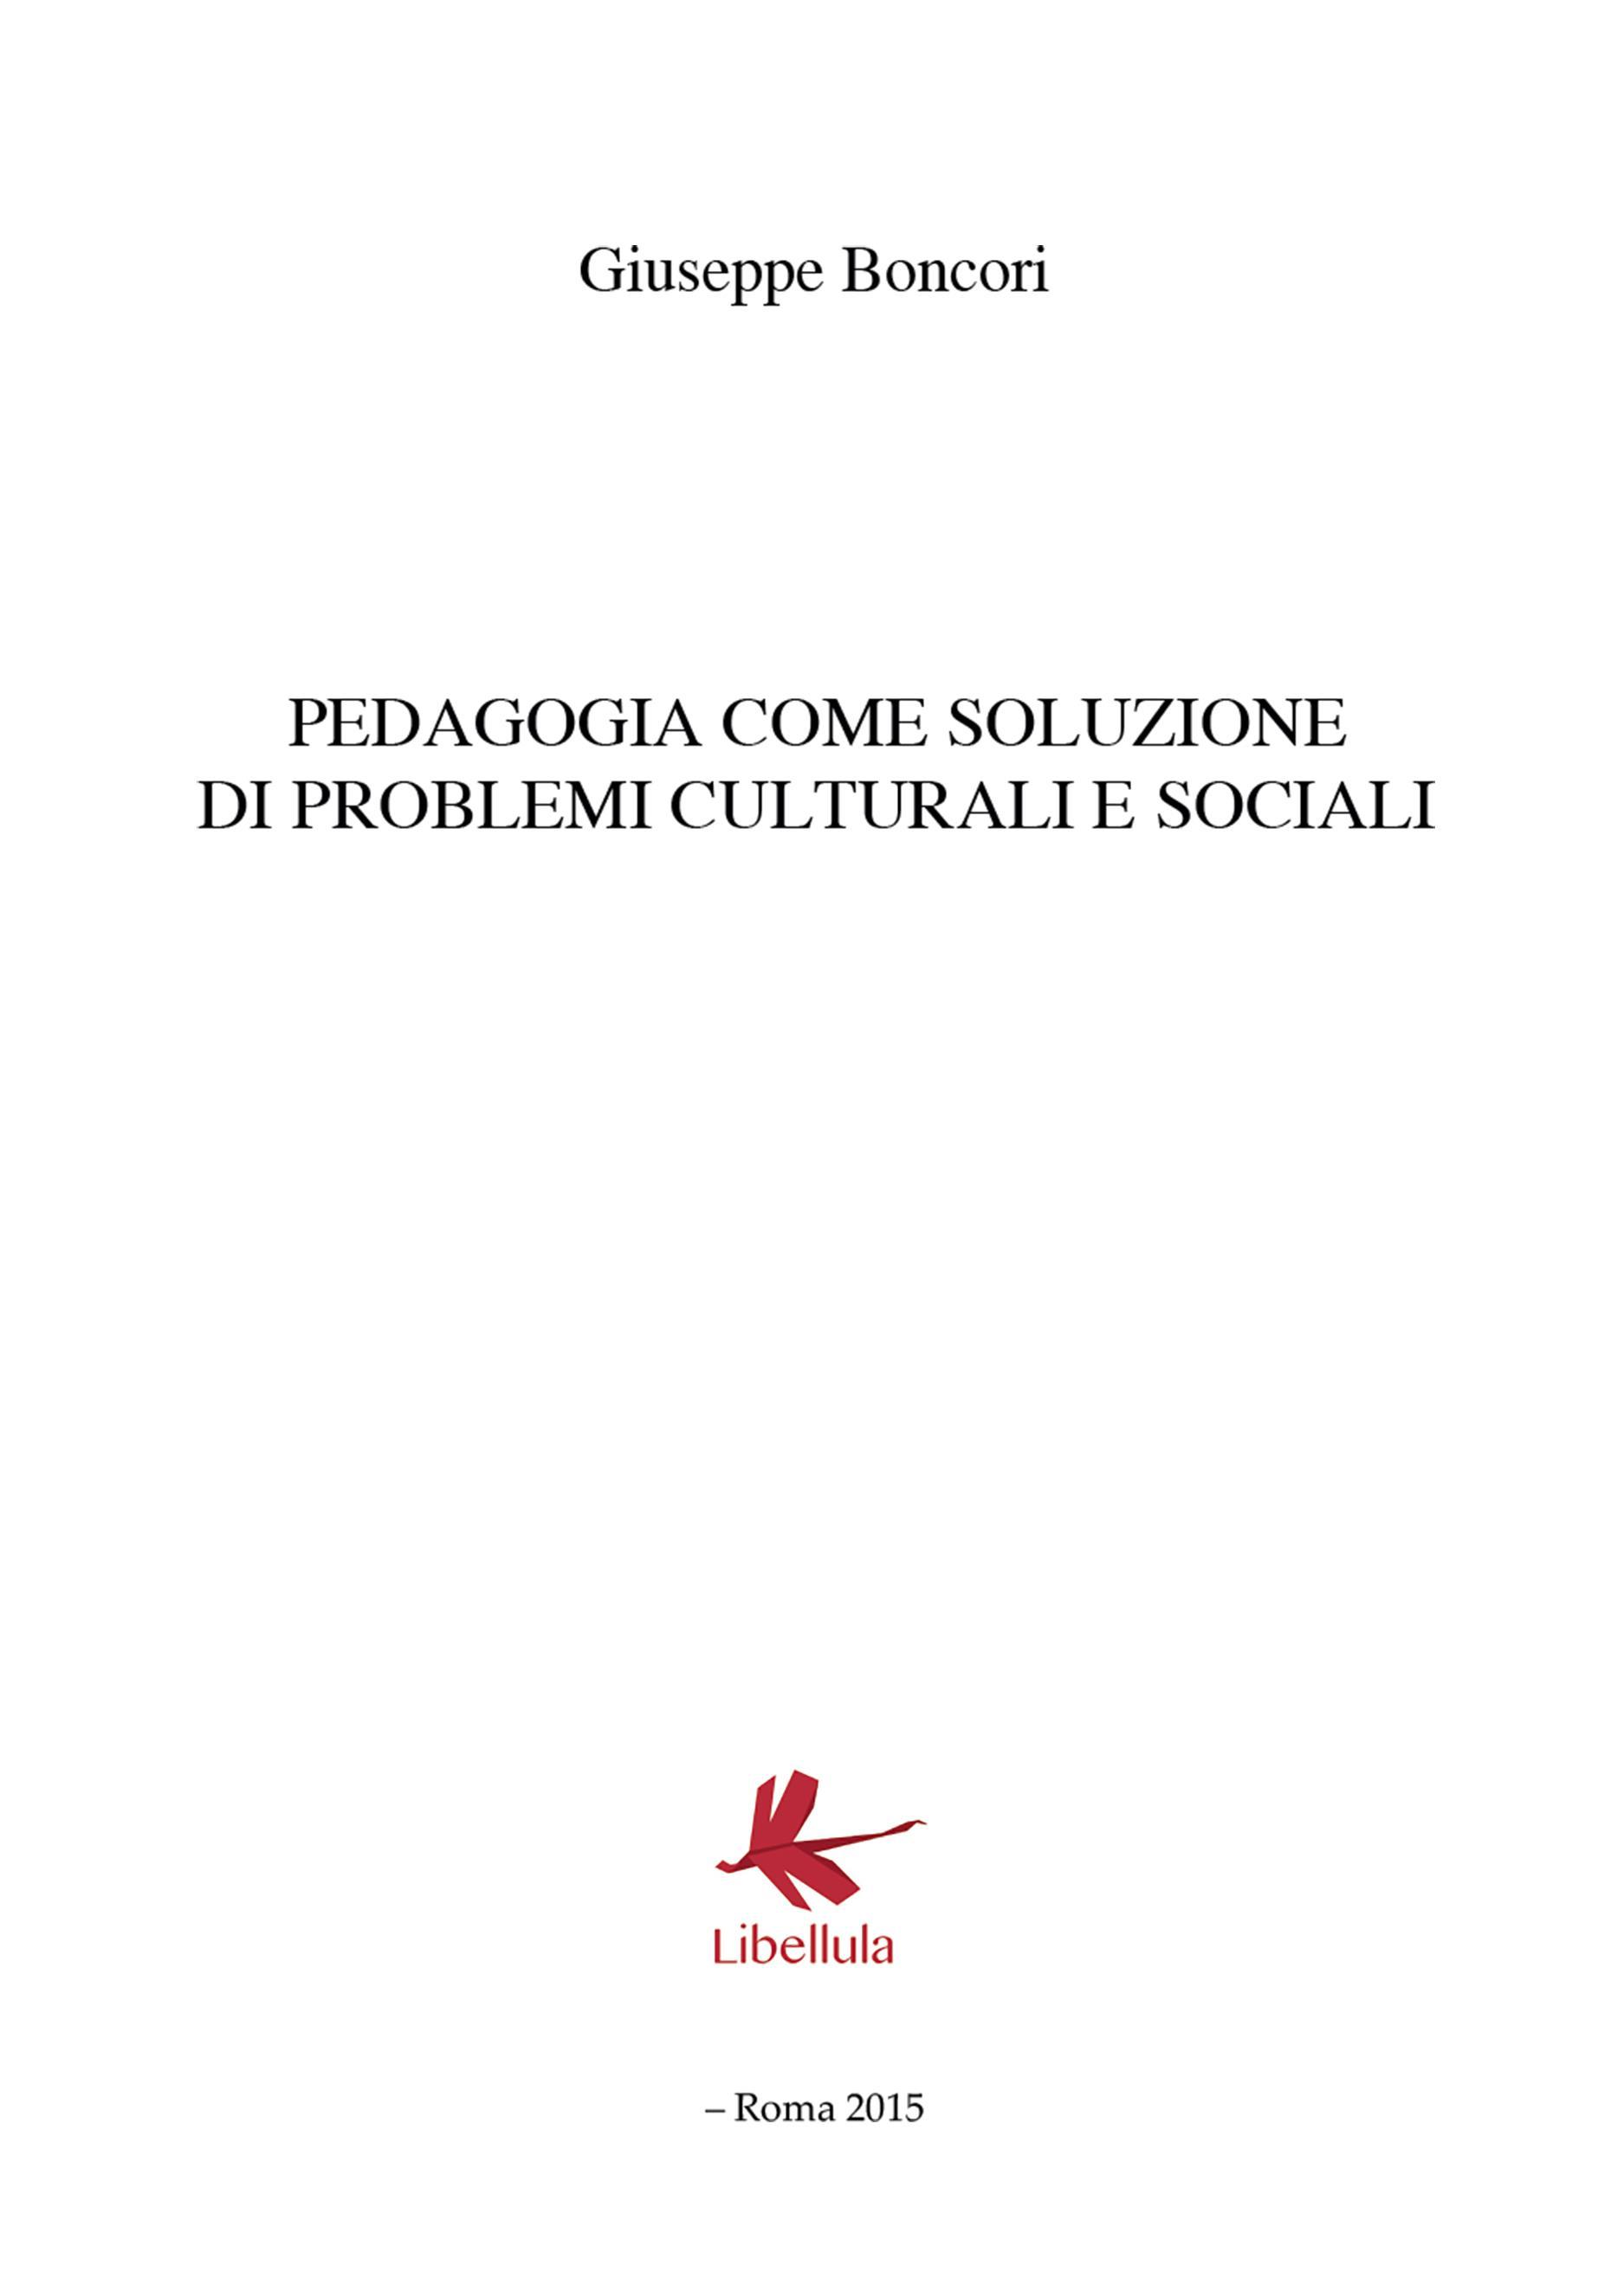 Pedagogia come soluzione di problemi culturali e sociali